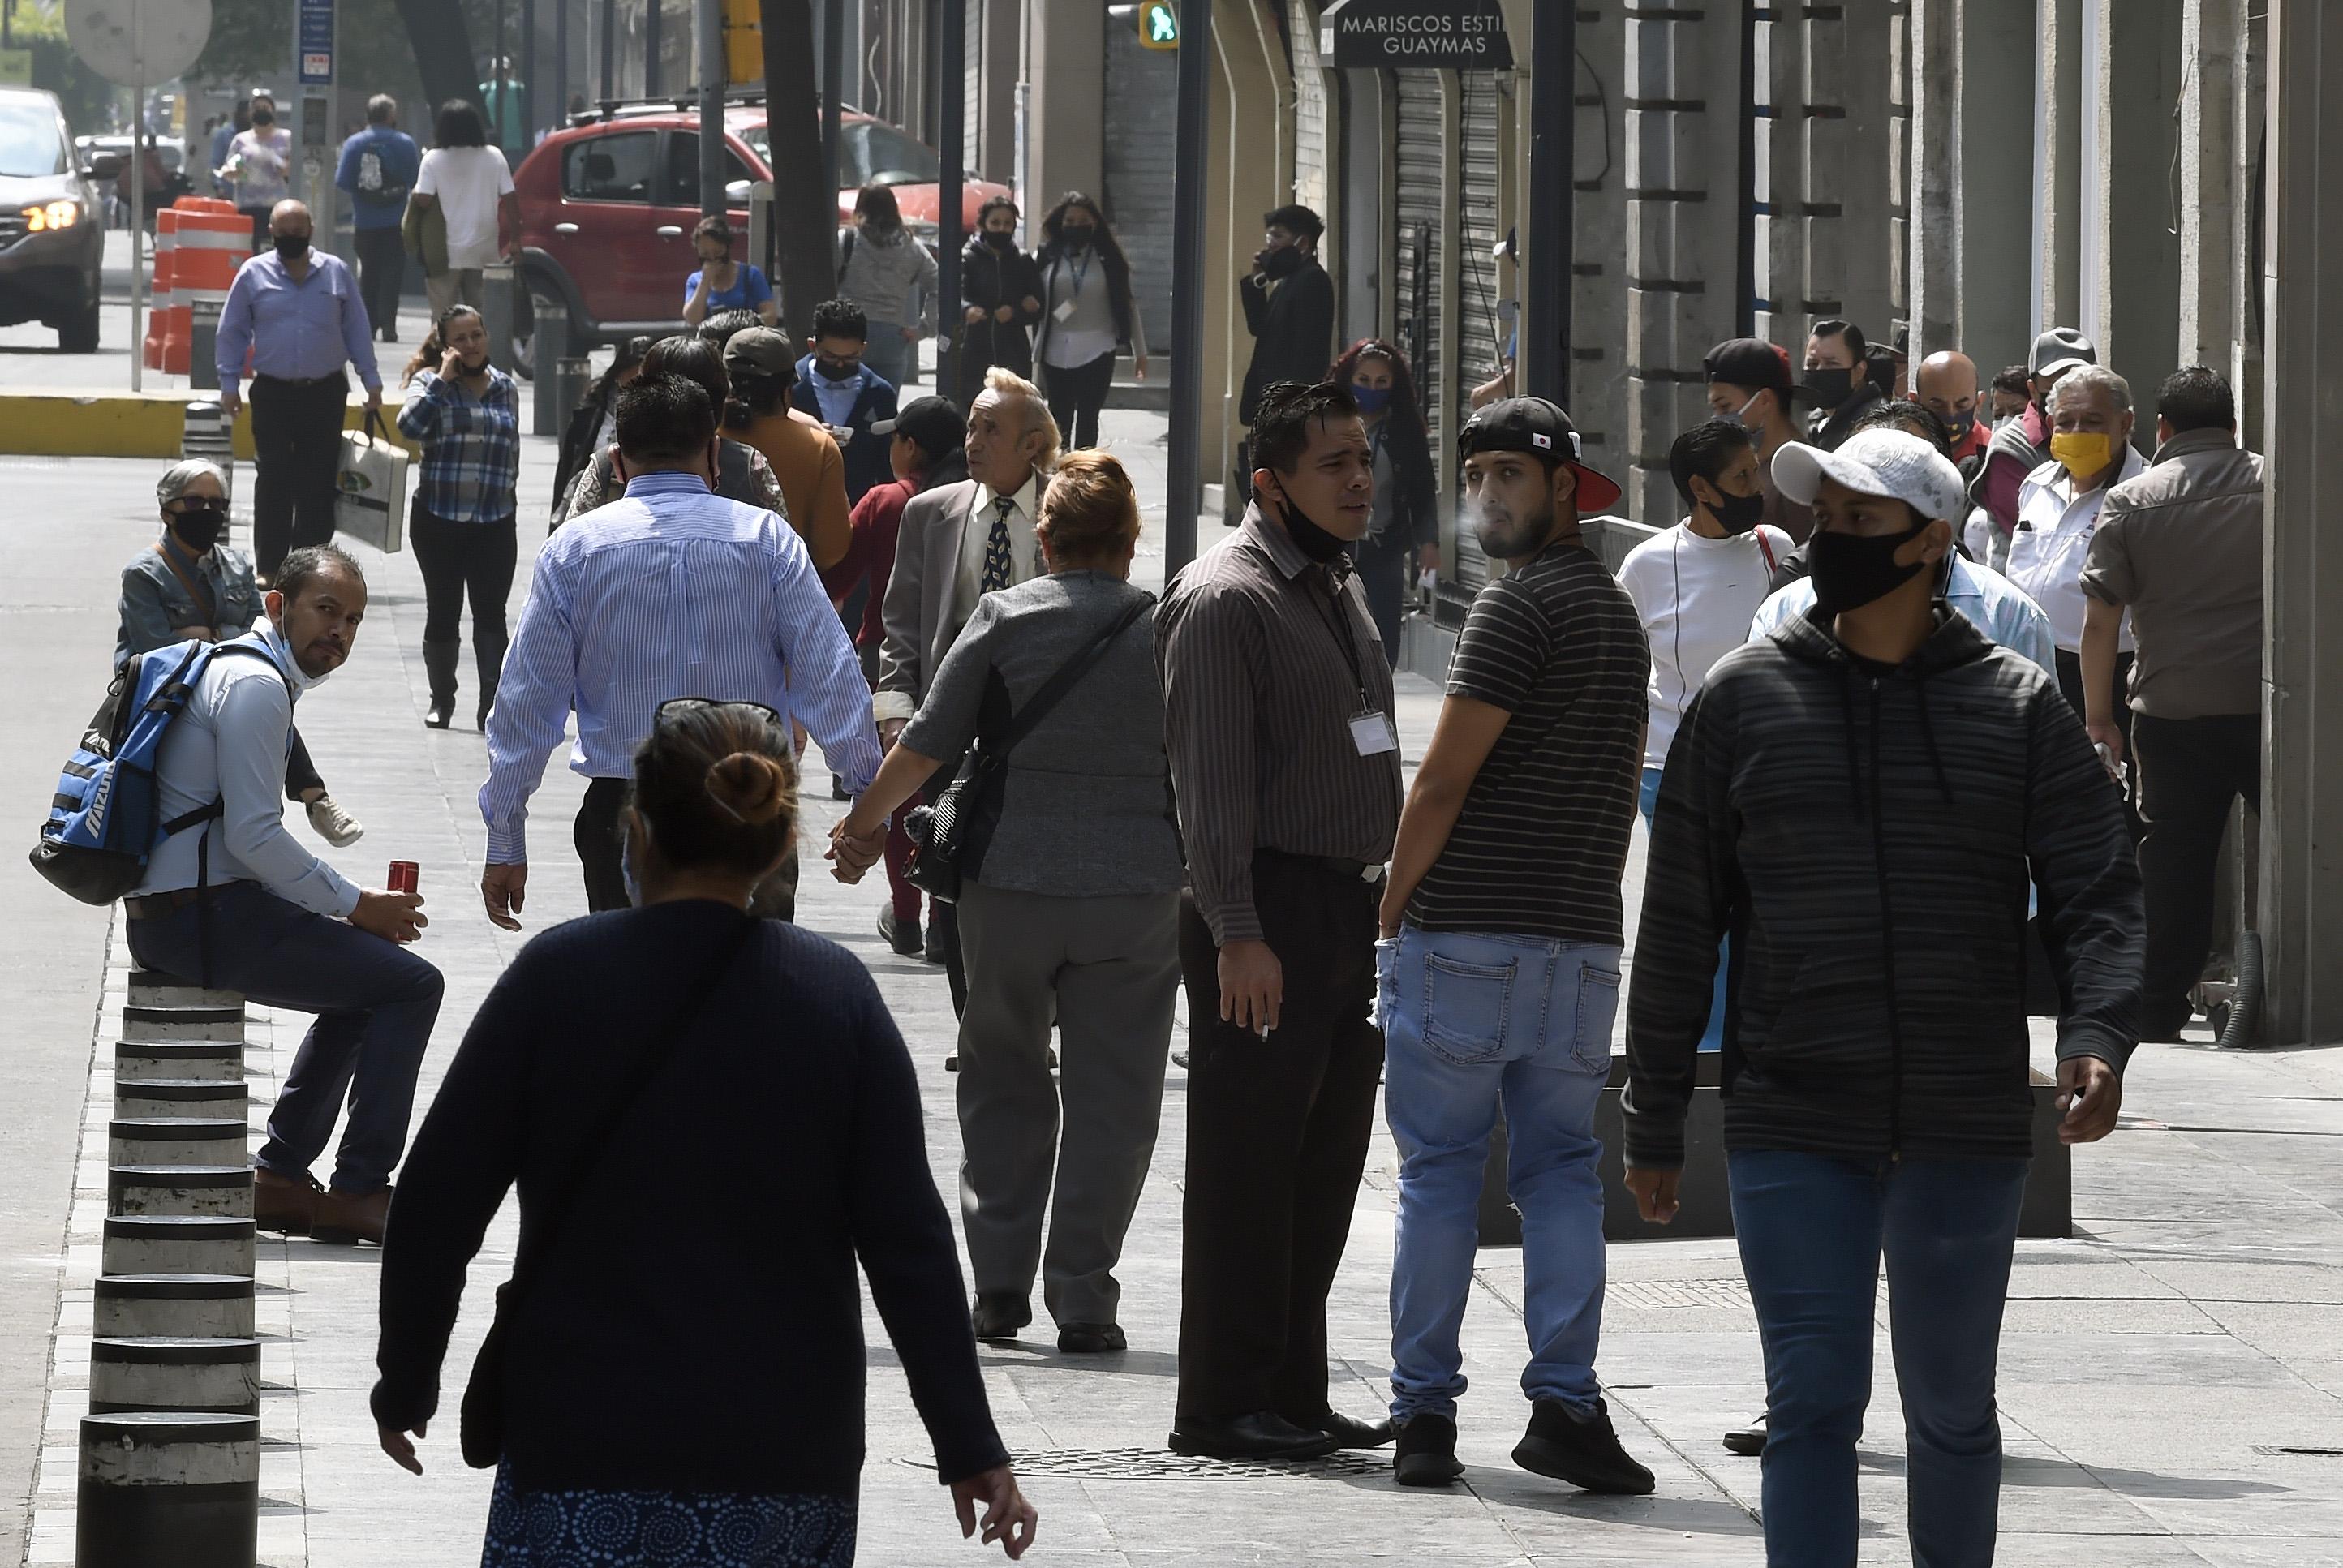 La gente se acumula en una calle de la Ciudad de México, el 29 de junio de 2020 durante la pandemia de COVID-19. (Foto: ALFREDO ESTRELLA / AFP)